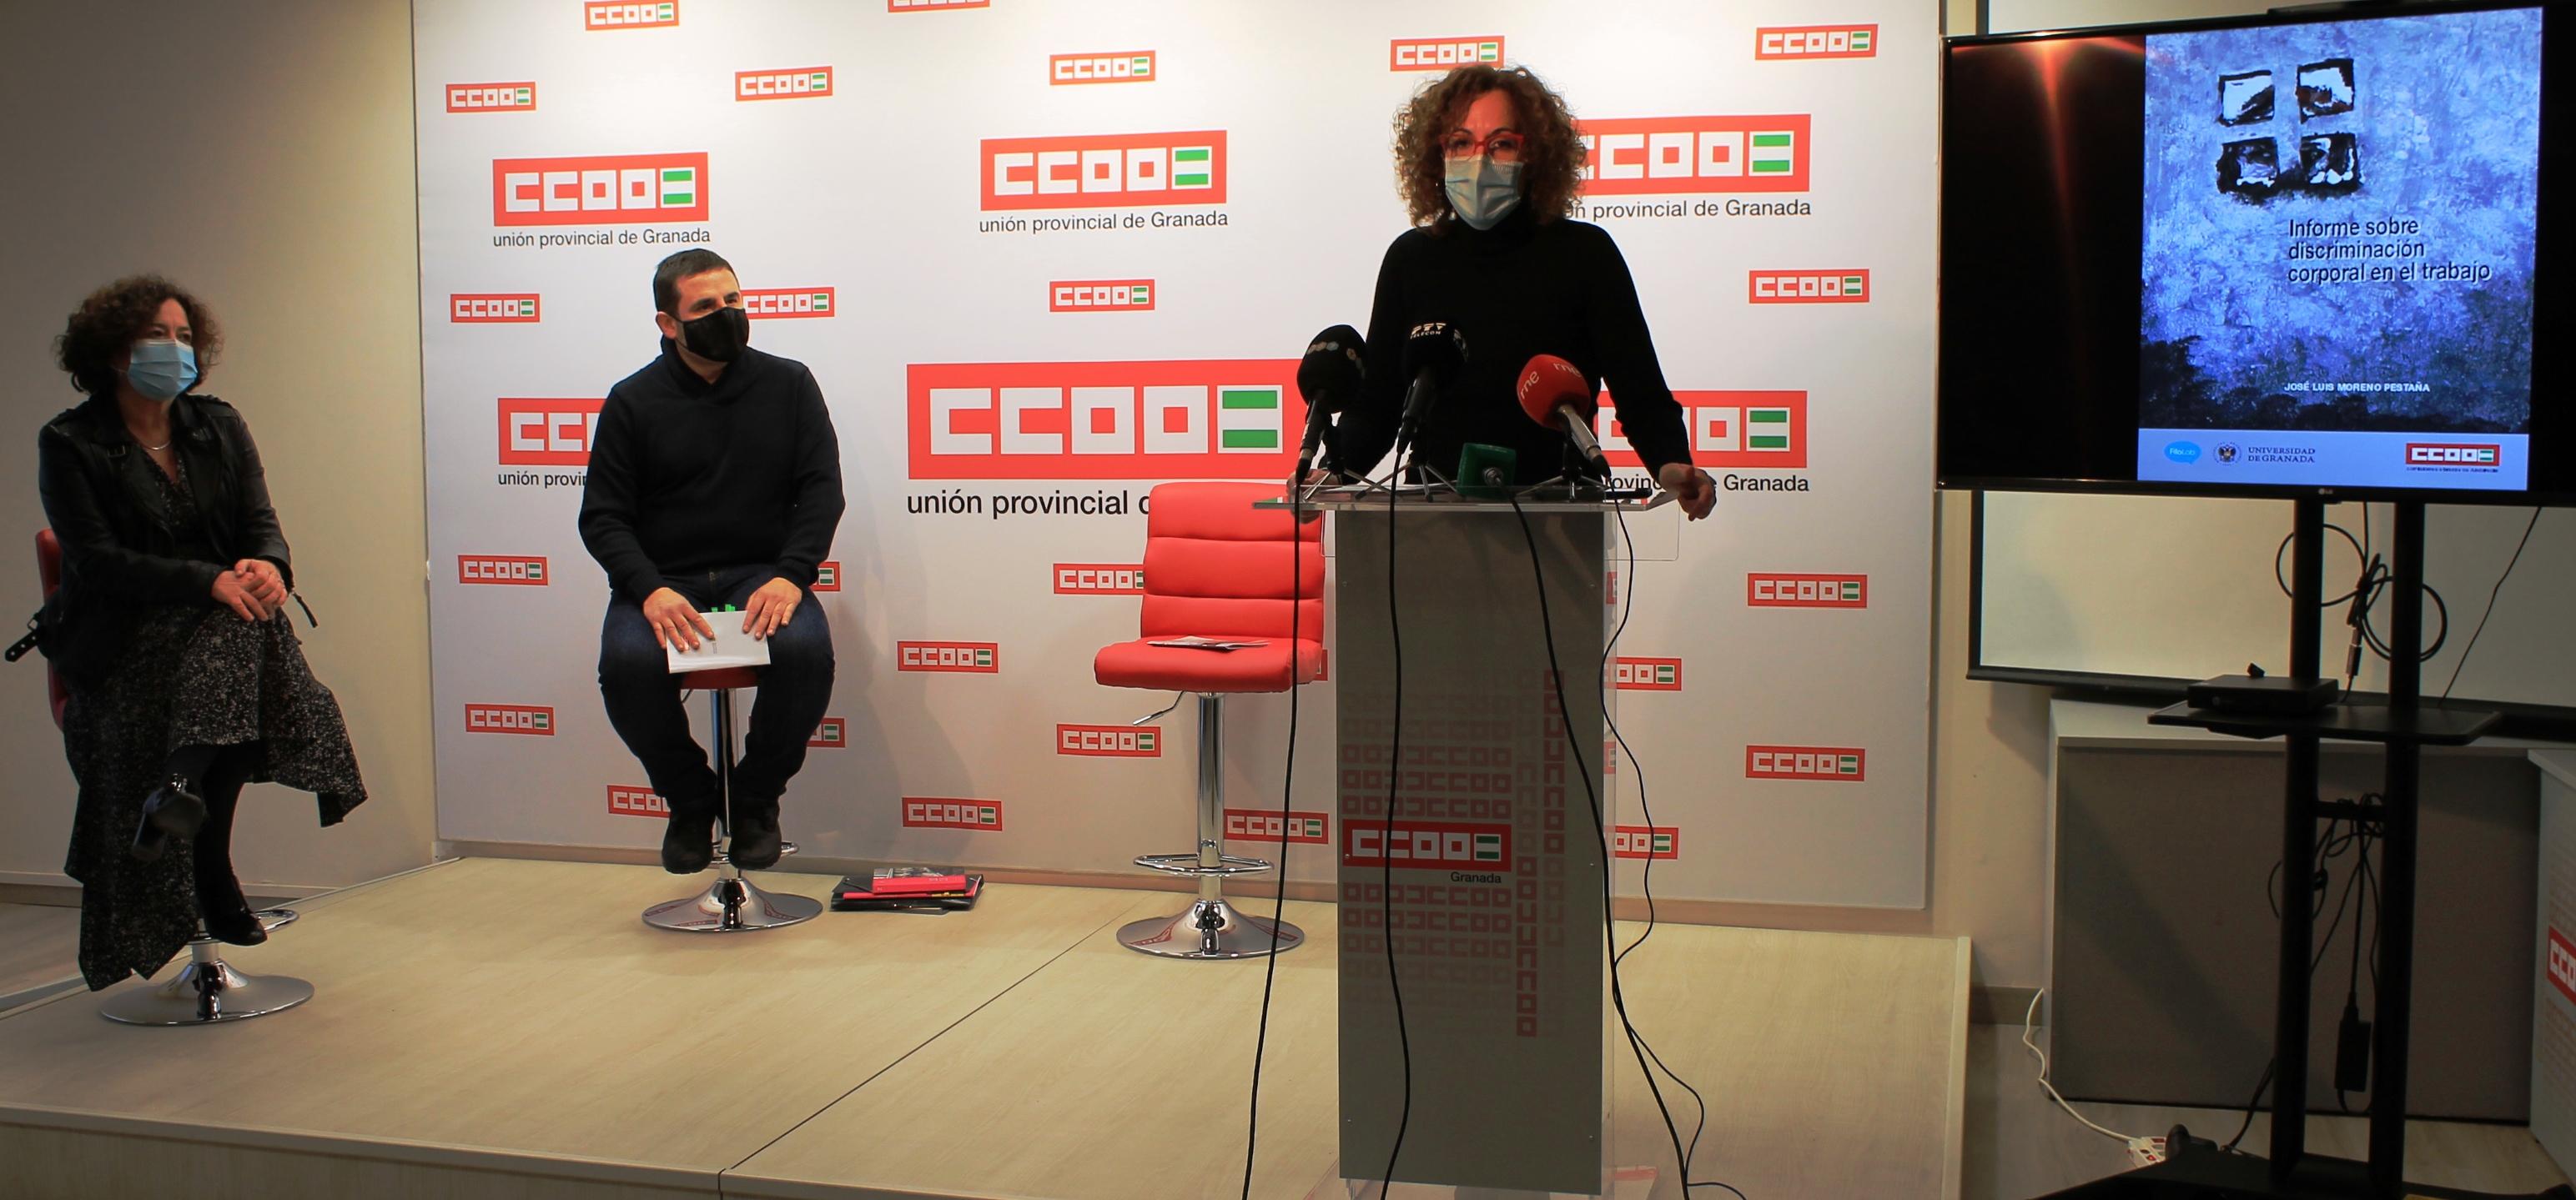 CCOO reivindica al Gobierno andaluz más medios para visualizar la discriminación corporal en el trabajo y crear conciencia para combatirla